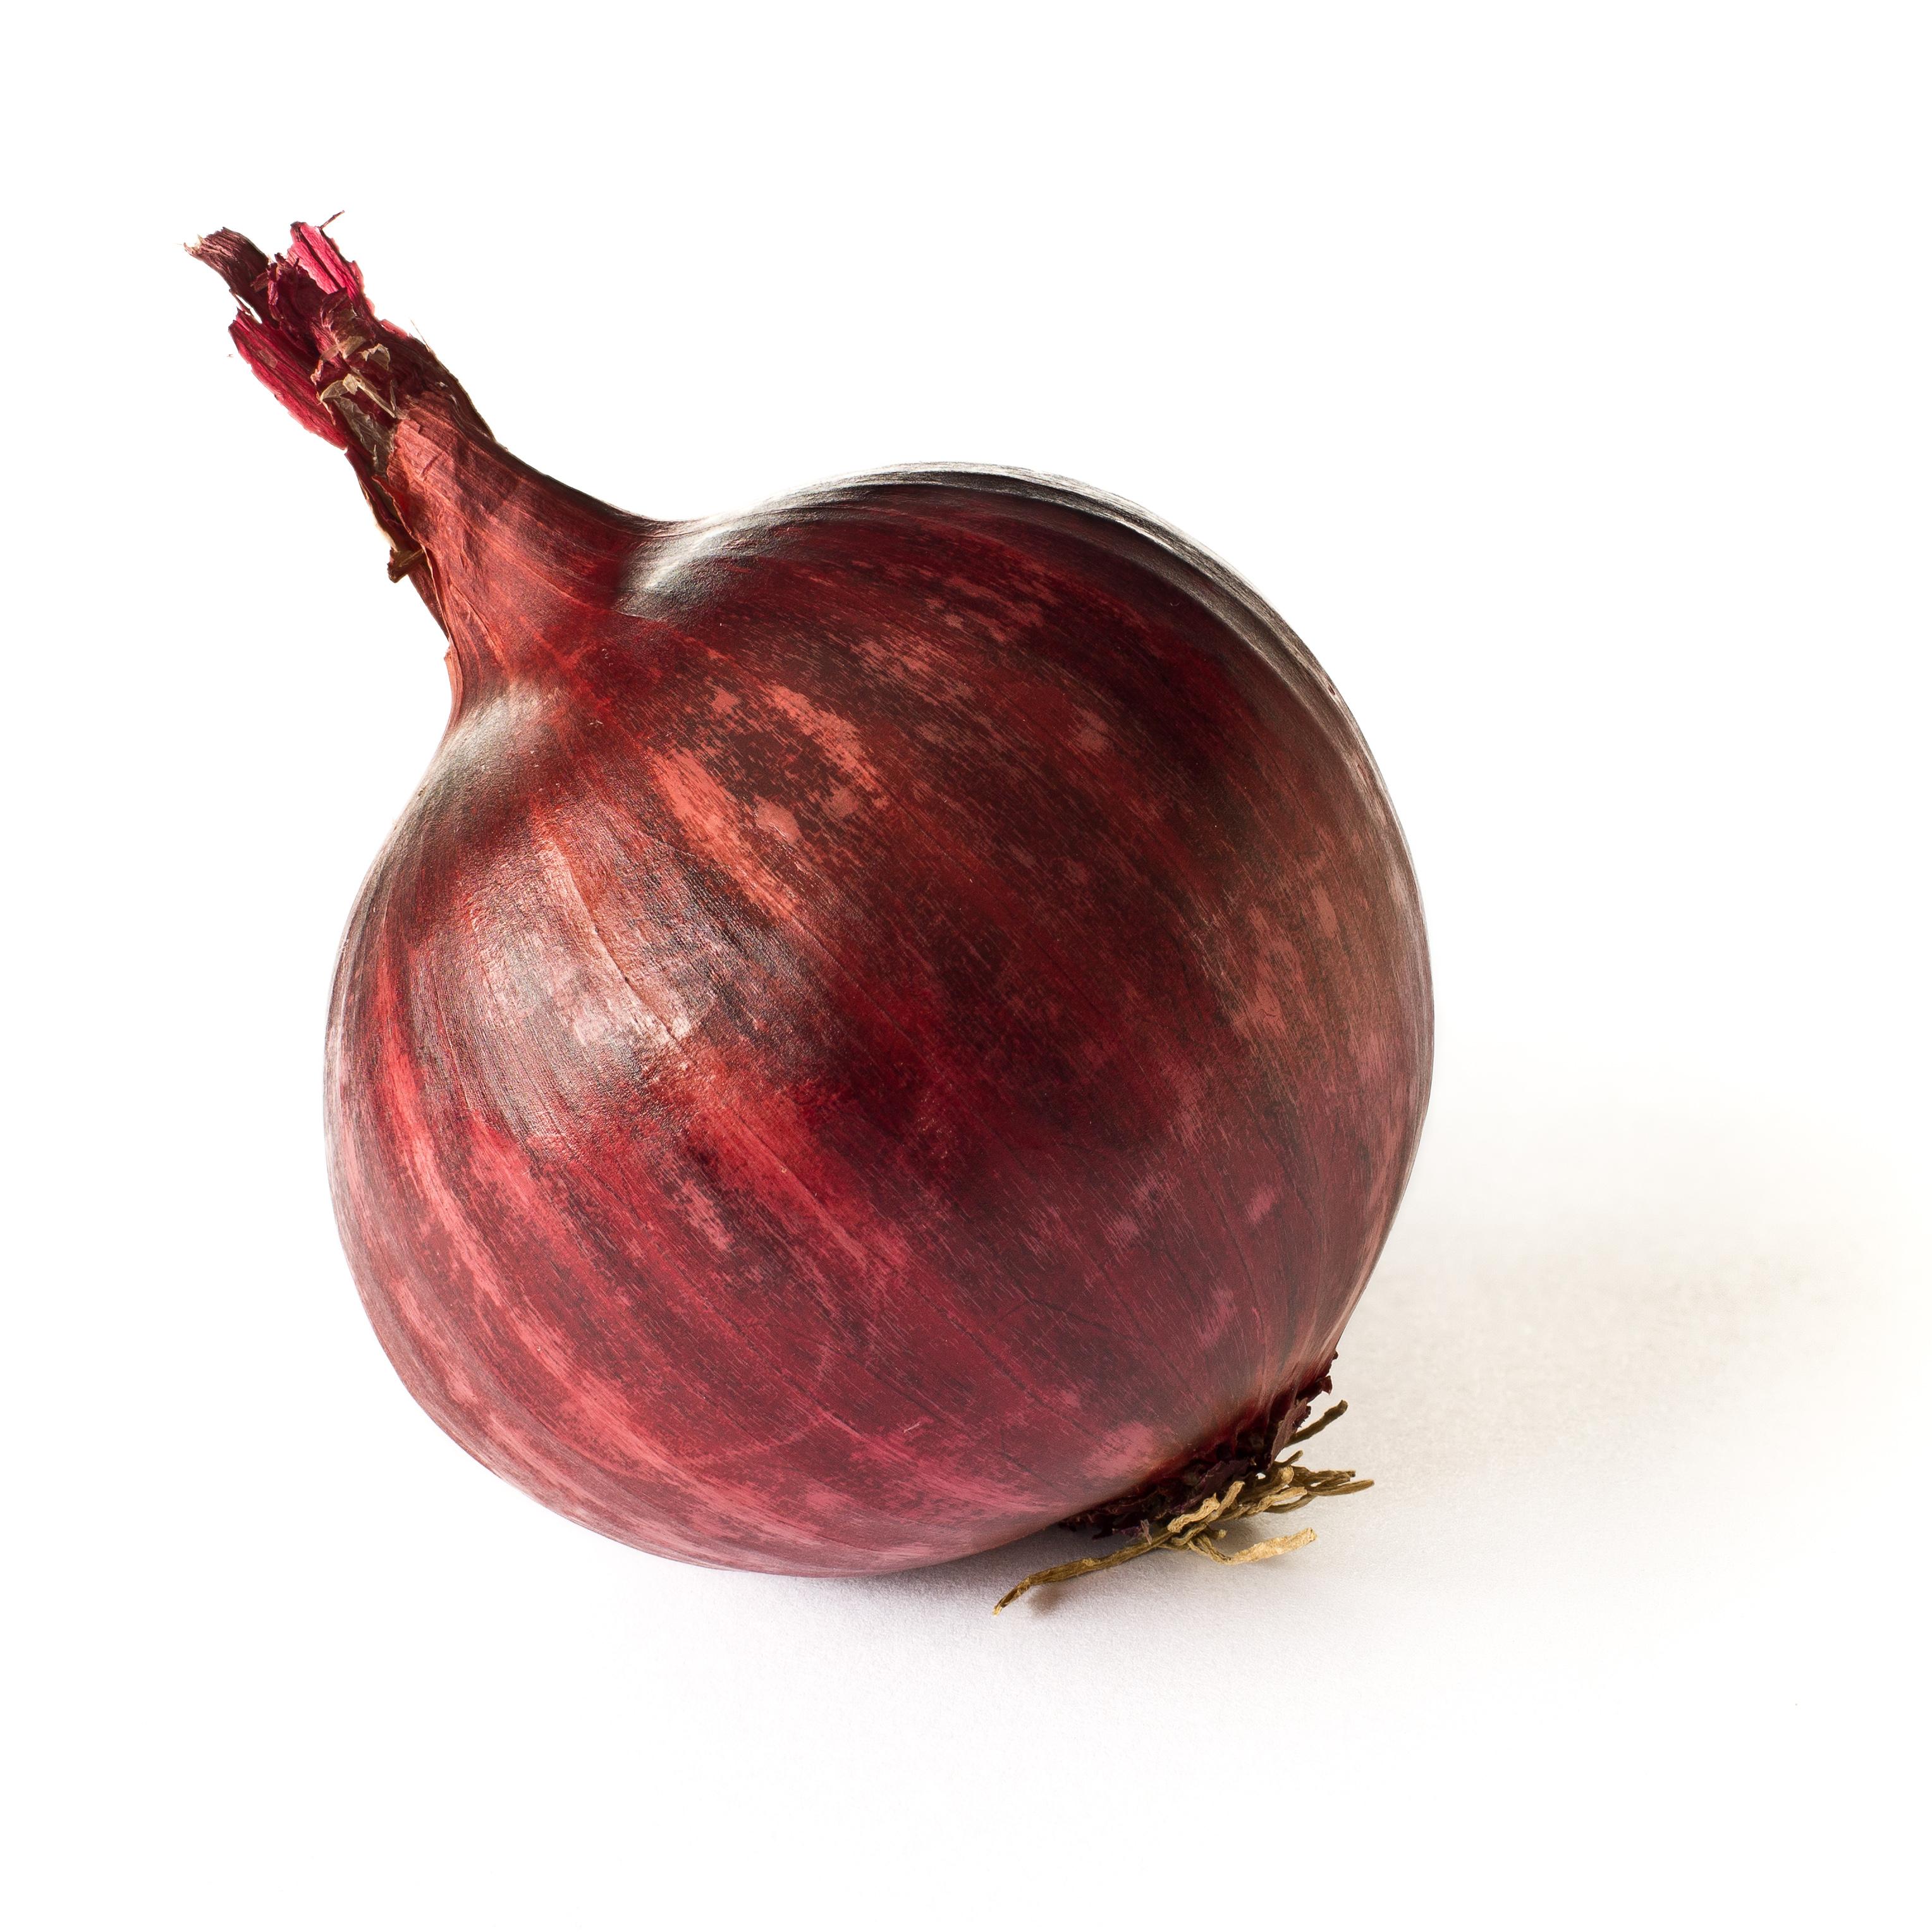 I love you, Stinky Onion